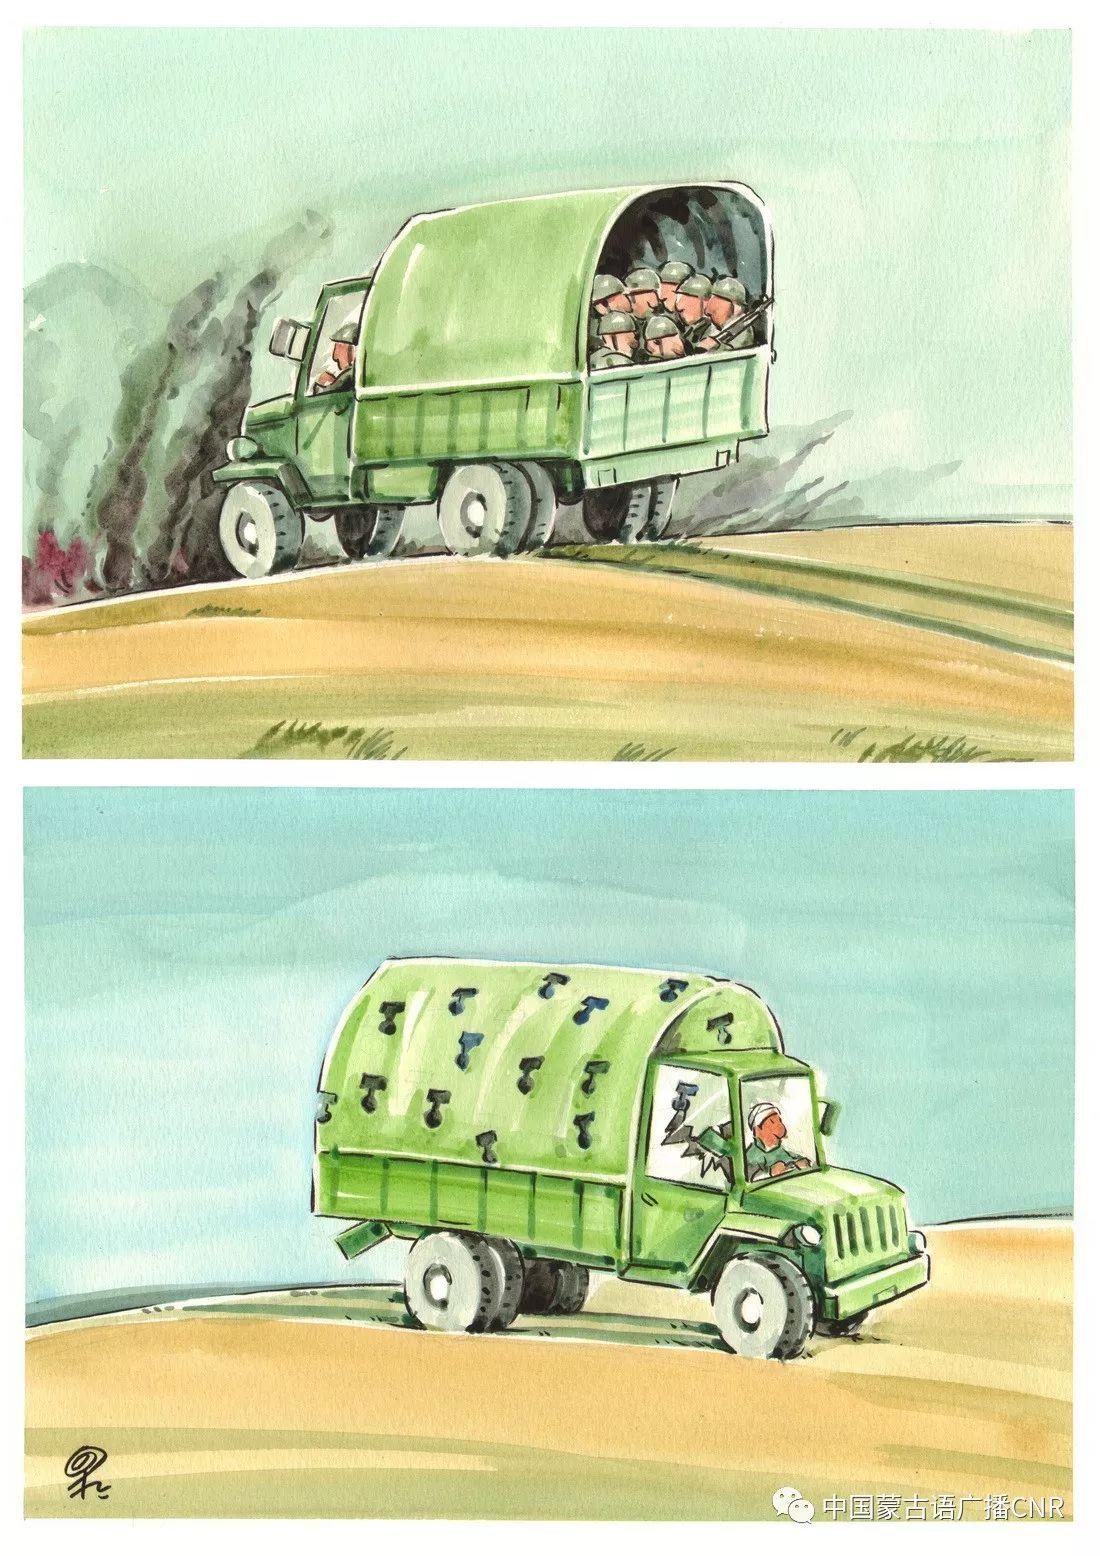 蒙古族漫画家巴•毕力格的漫画新作 第27张